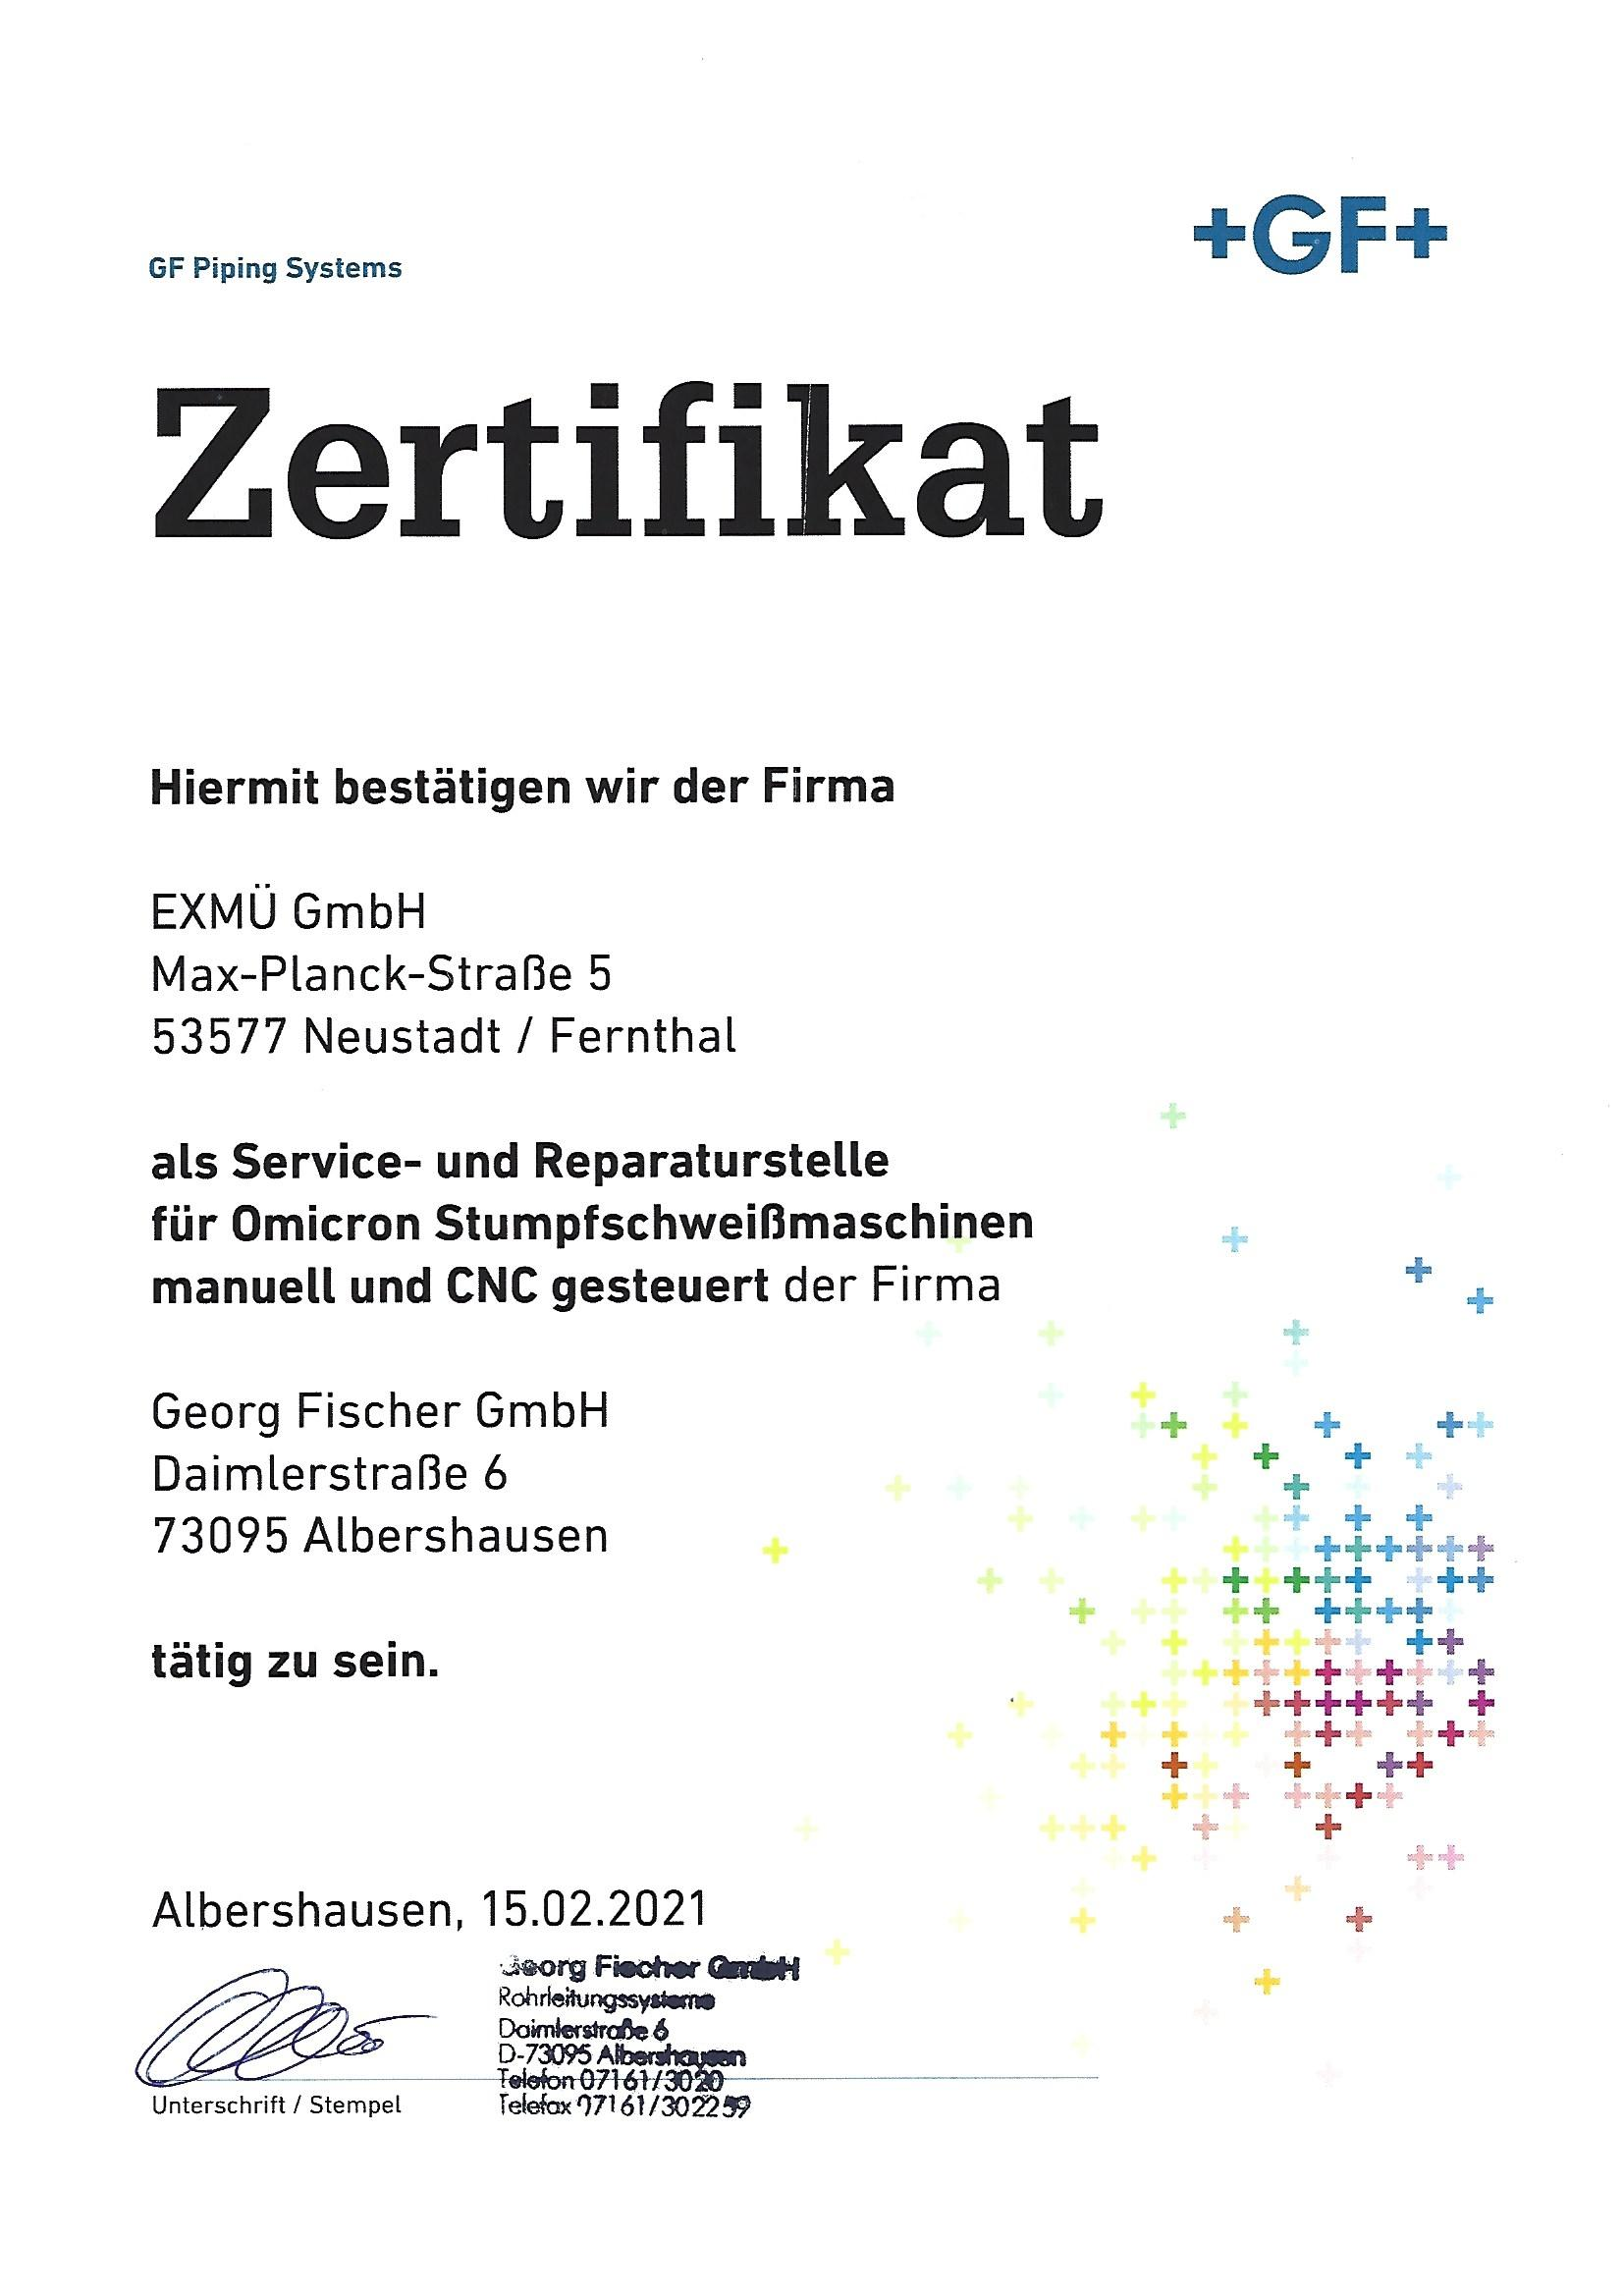 Gerog Fischer Zertifikat 2